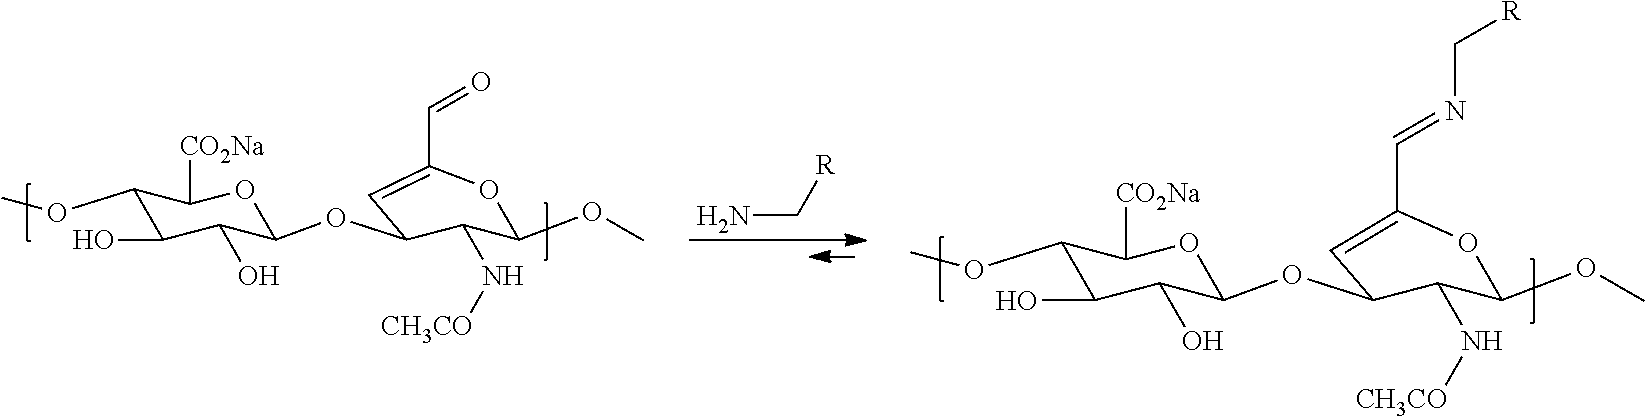 Figure US09522966-20161220-C00009